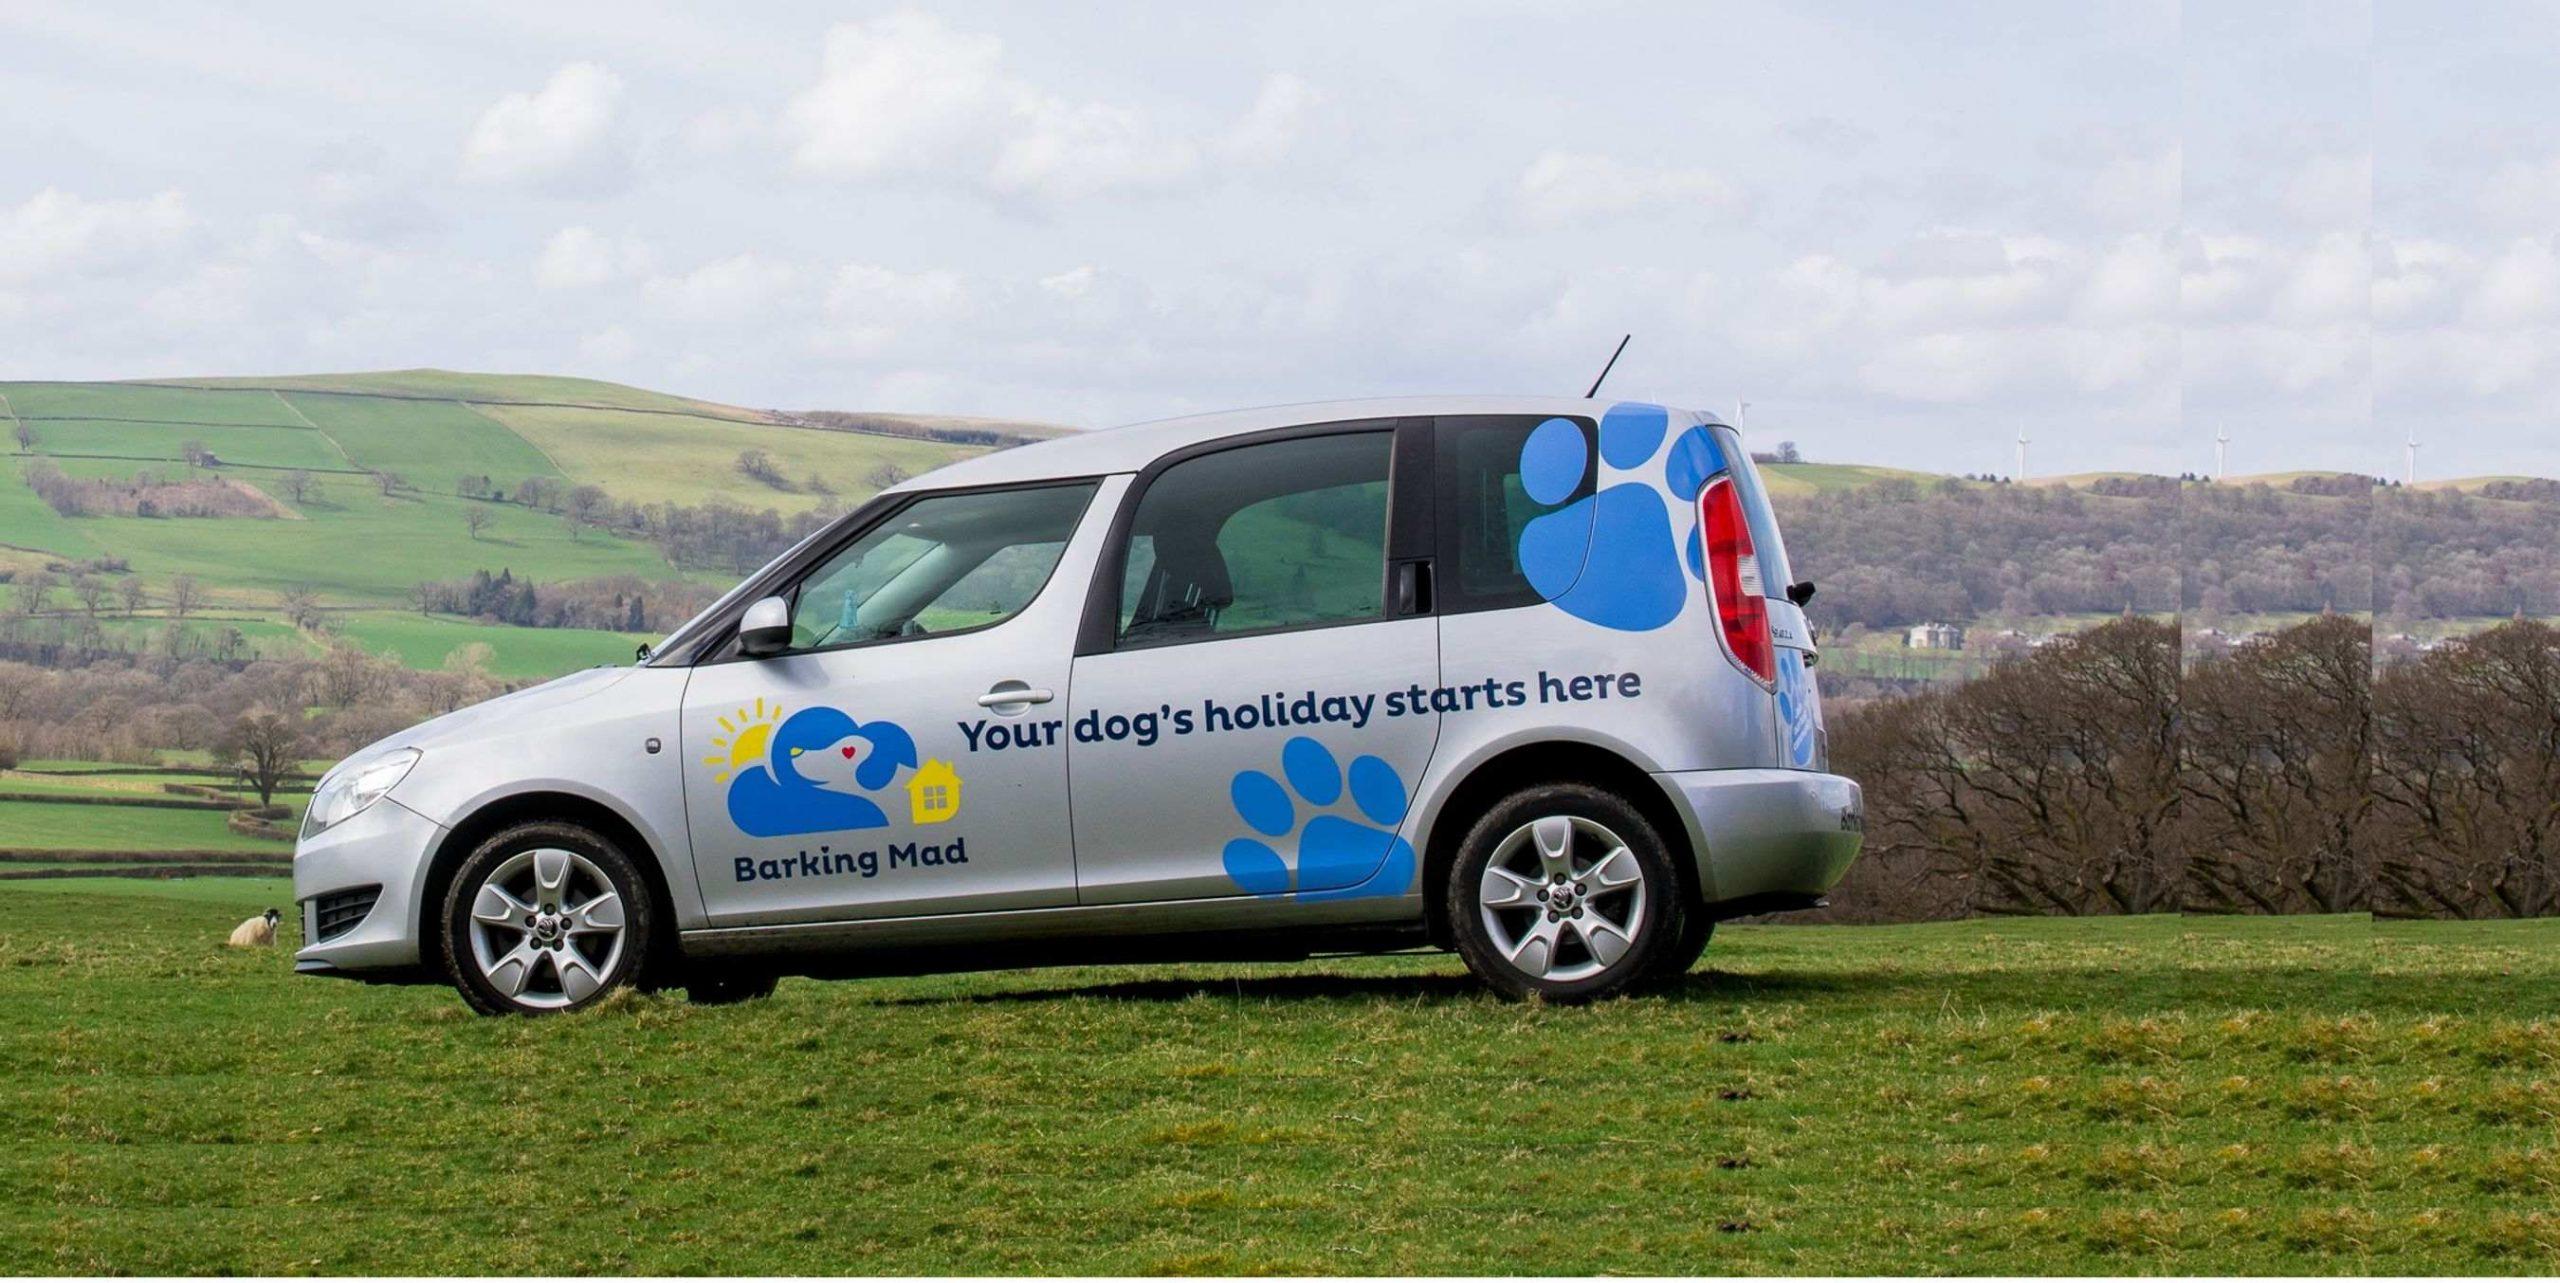 Barking Mad Dog Sitting Car On Hillside Crop